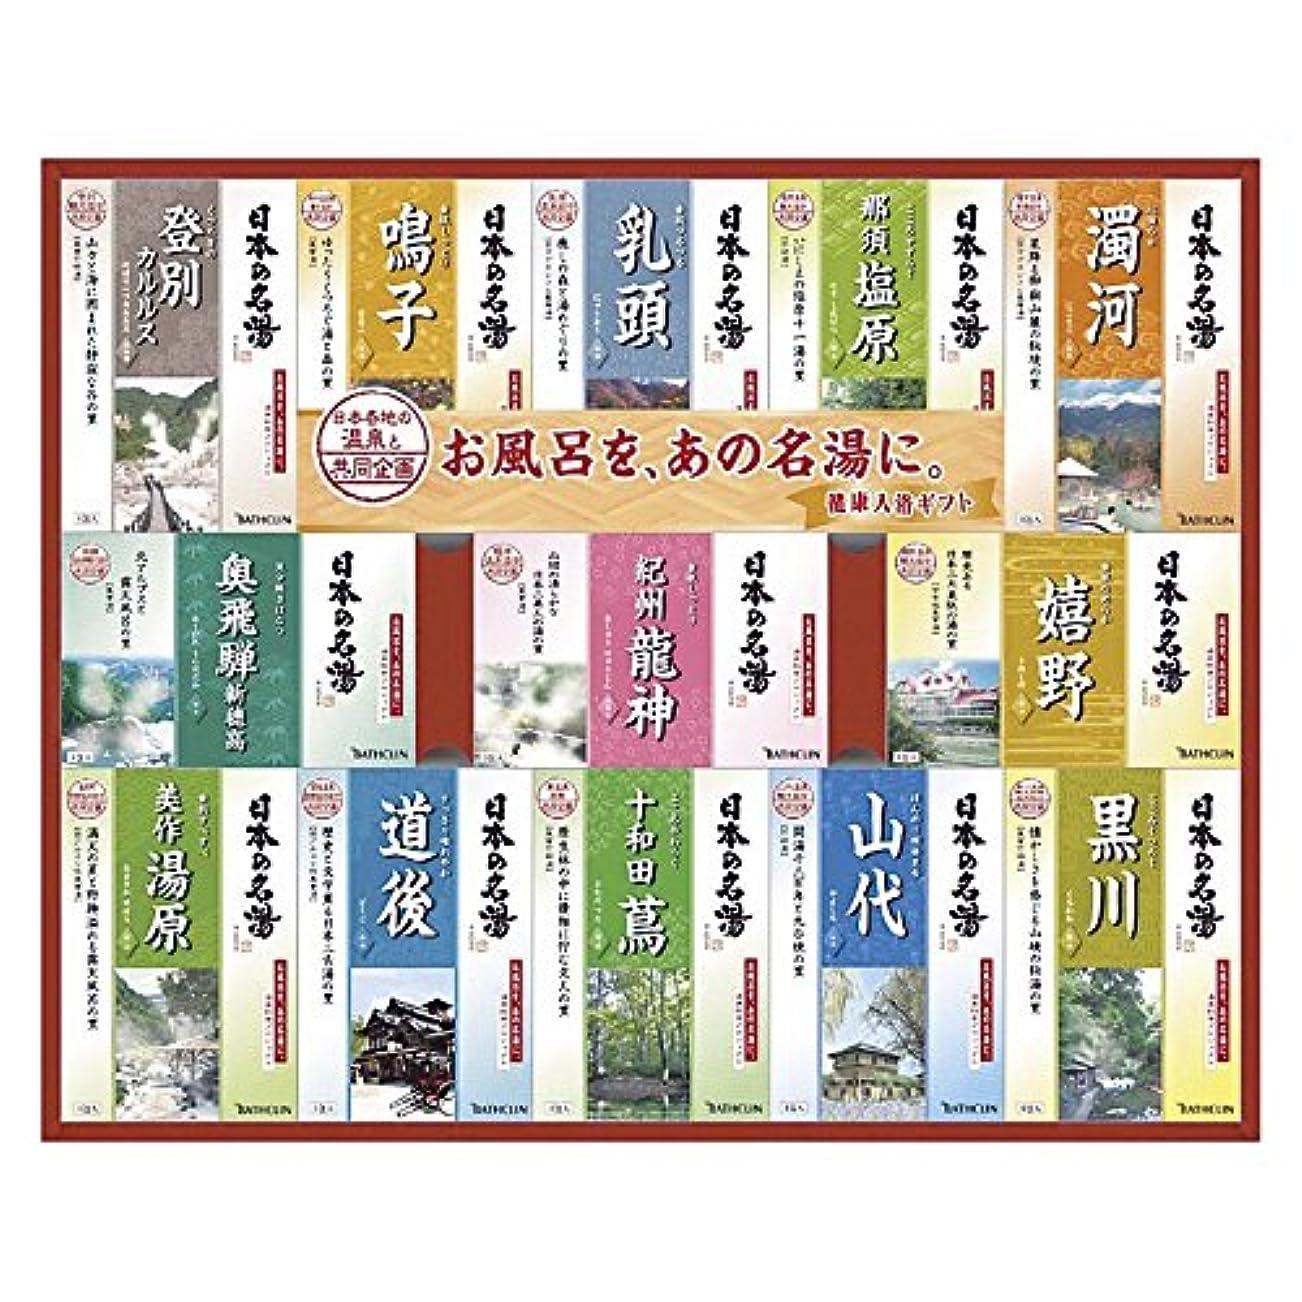 終わった忌避剤分析的なバスクリン 日本の名湯 ギフトセット 【保湿 ギフト 温泉 発汗 セット あったまる いろいろ うるおい うるおう しっとり すべすべ はっかん 極楽 ごくらく ゆったり ばすくりん 5000】